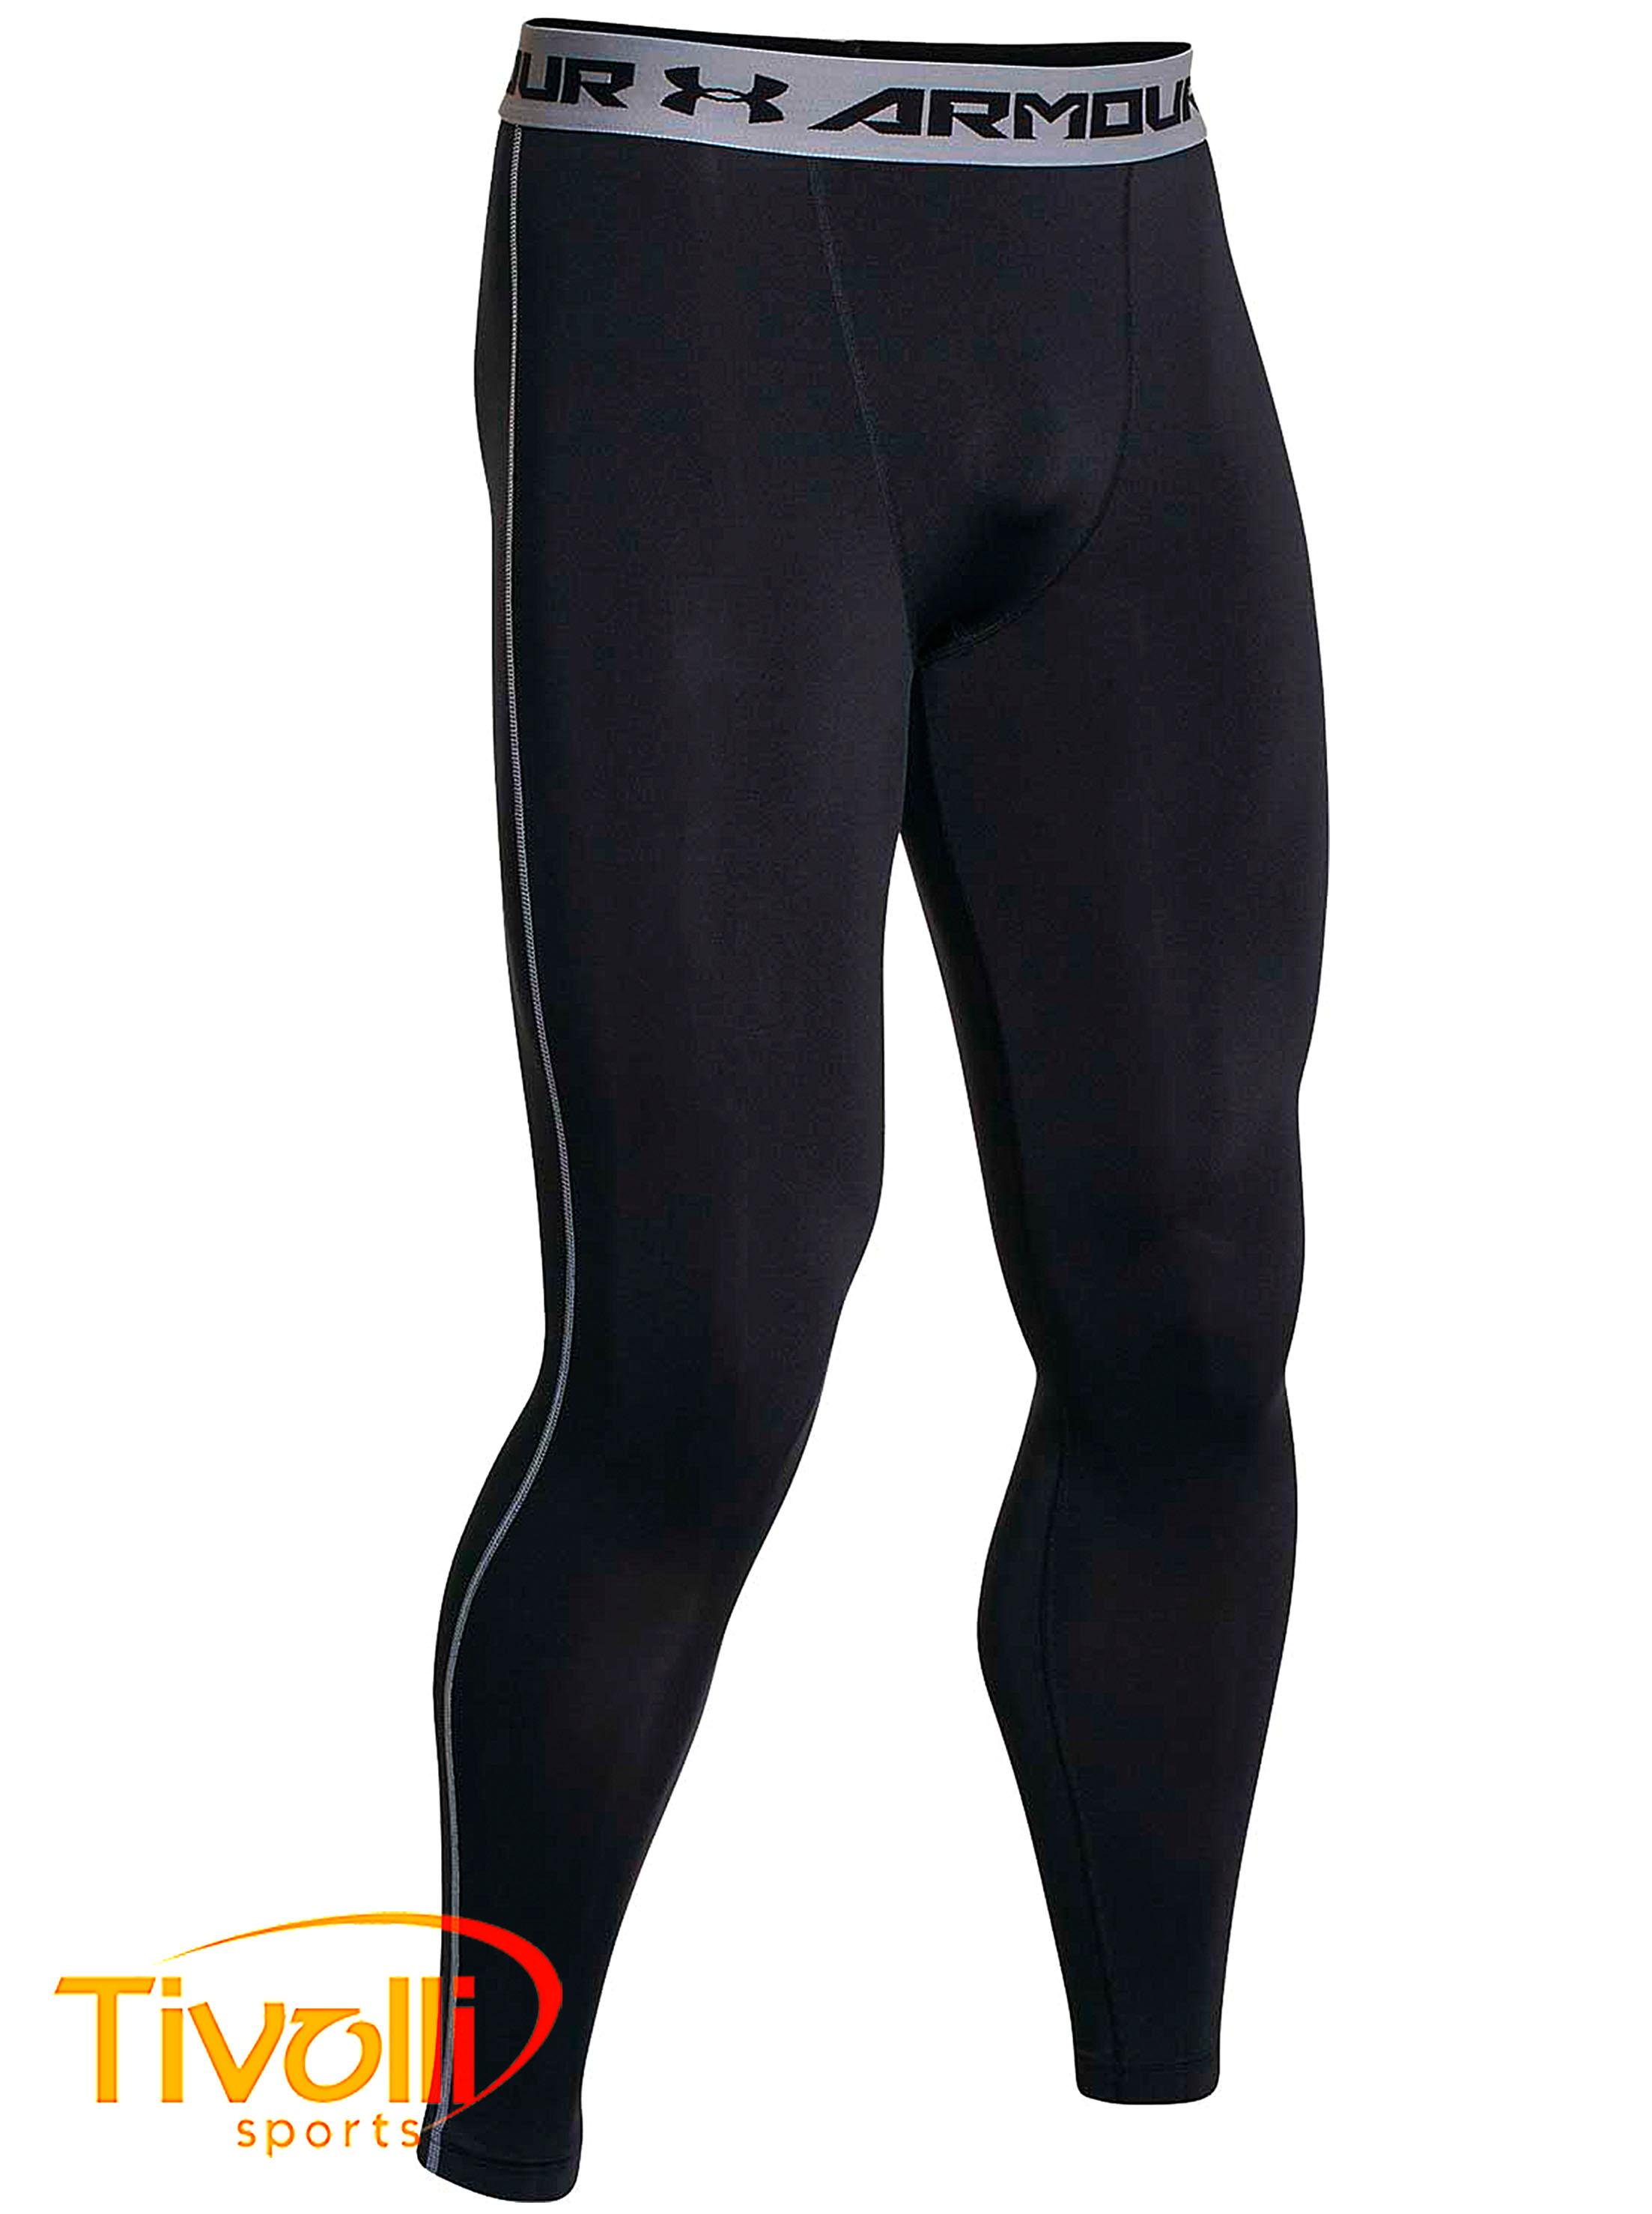 a129546b9f1 Calça de compressão Under Armour   masculina preta